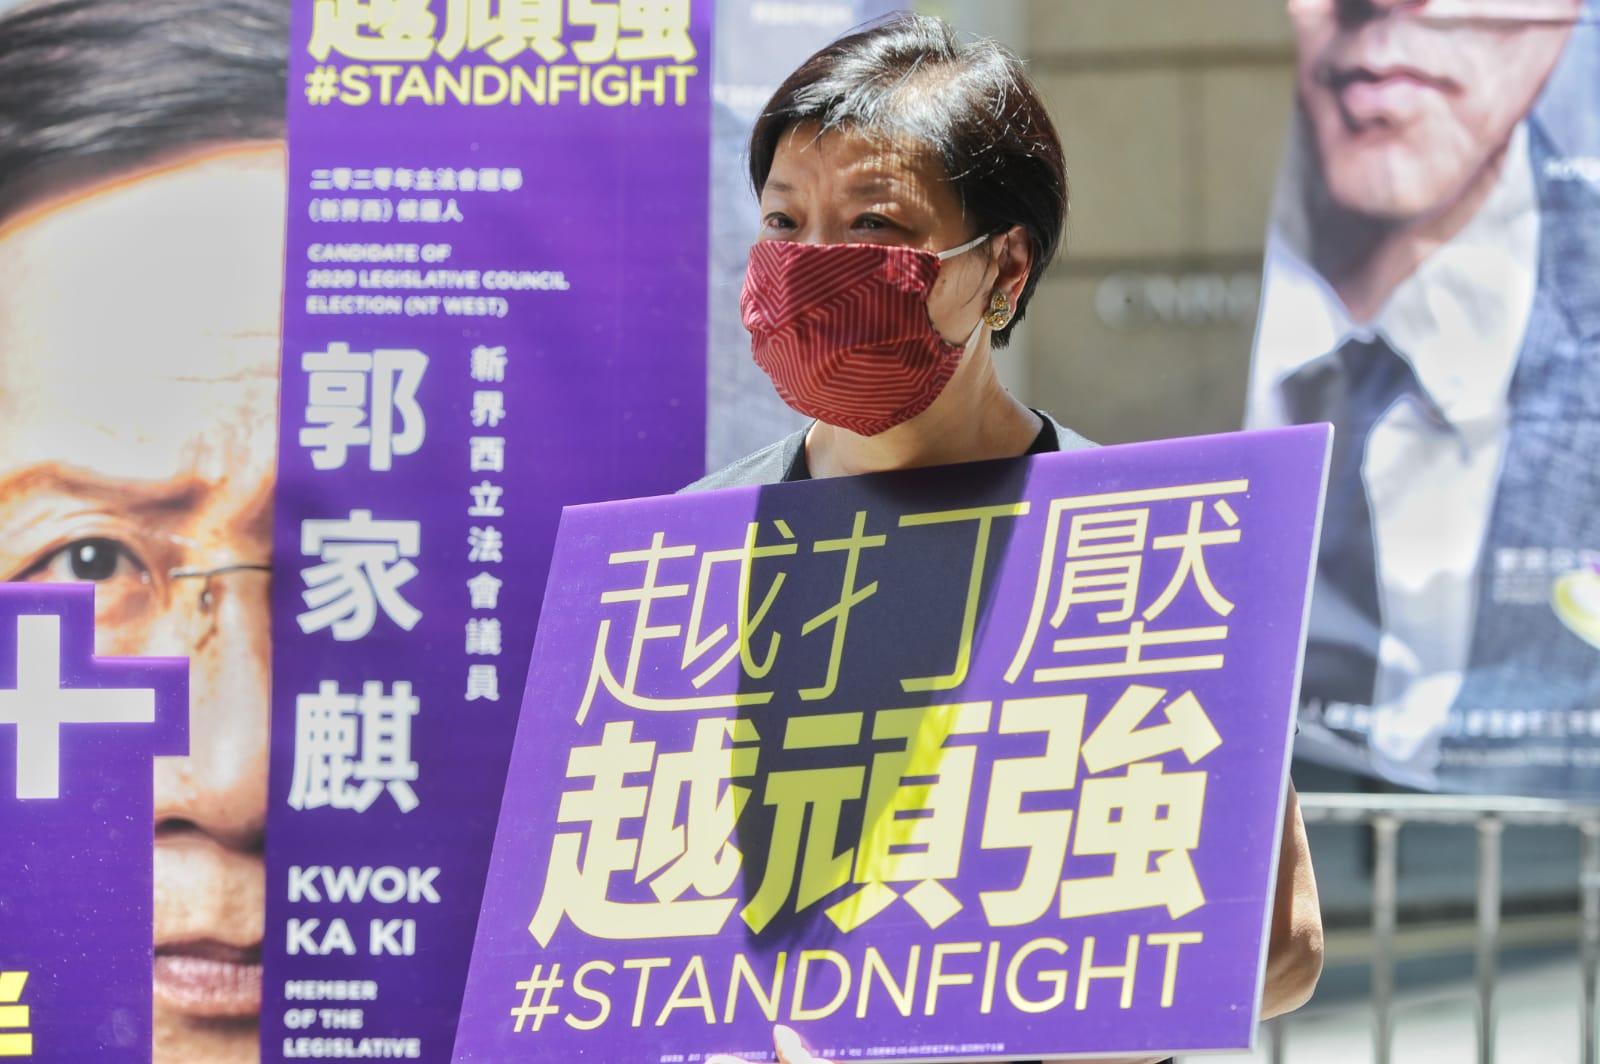 前公民黨黨魁及主席、資深大律師余若薇今日也出來為公民黨即將參與初選的人士打氣,她表示,面對「國安法」,香港人越打壓,越頑強。(郭威利/大紀元)